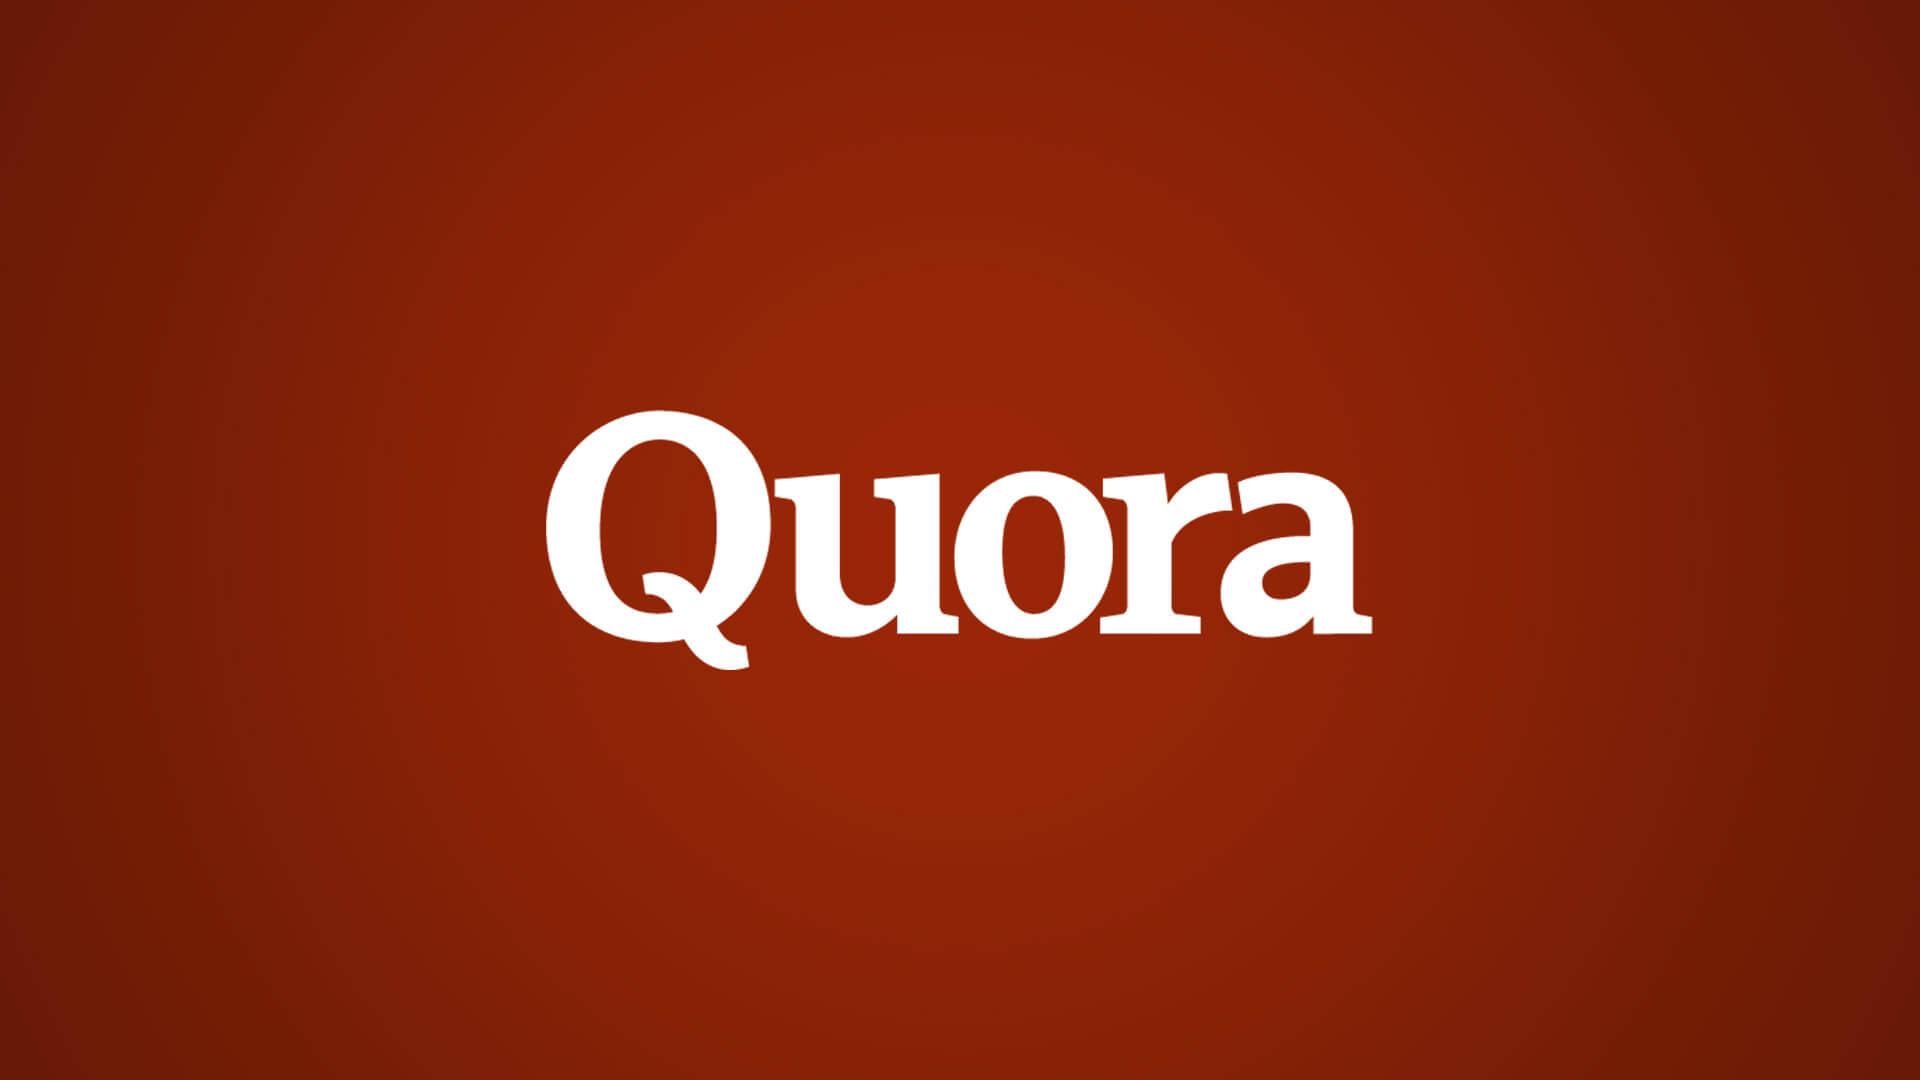 Esto es lo que dicen los anunciantes de rendimiento sobre la nueva plataforma publicitaria de Quora